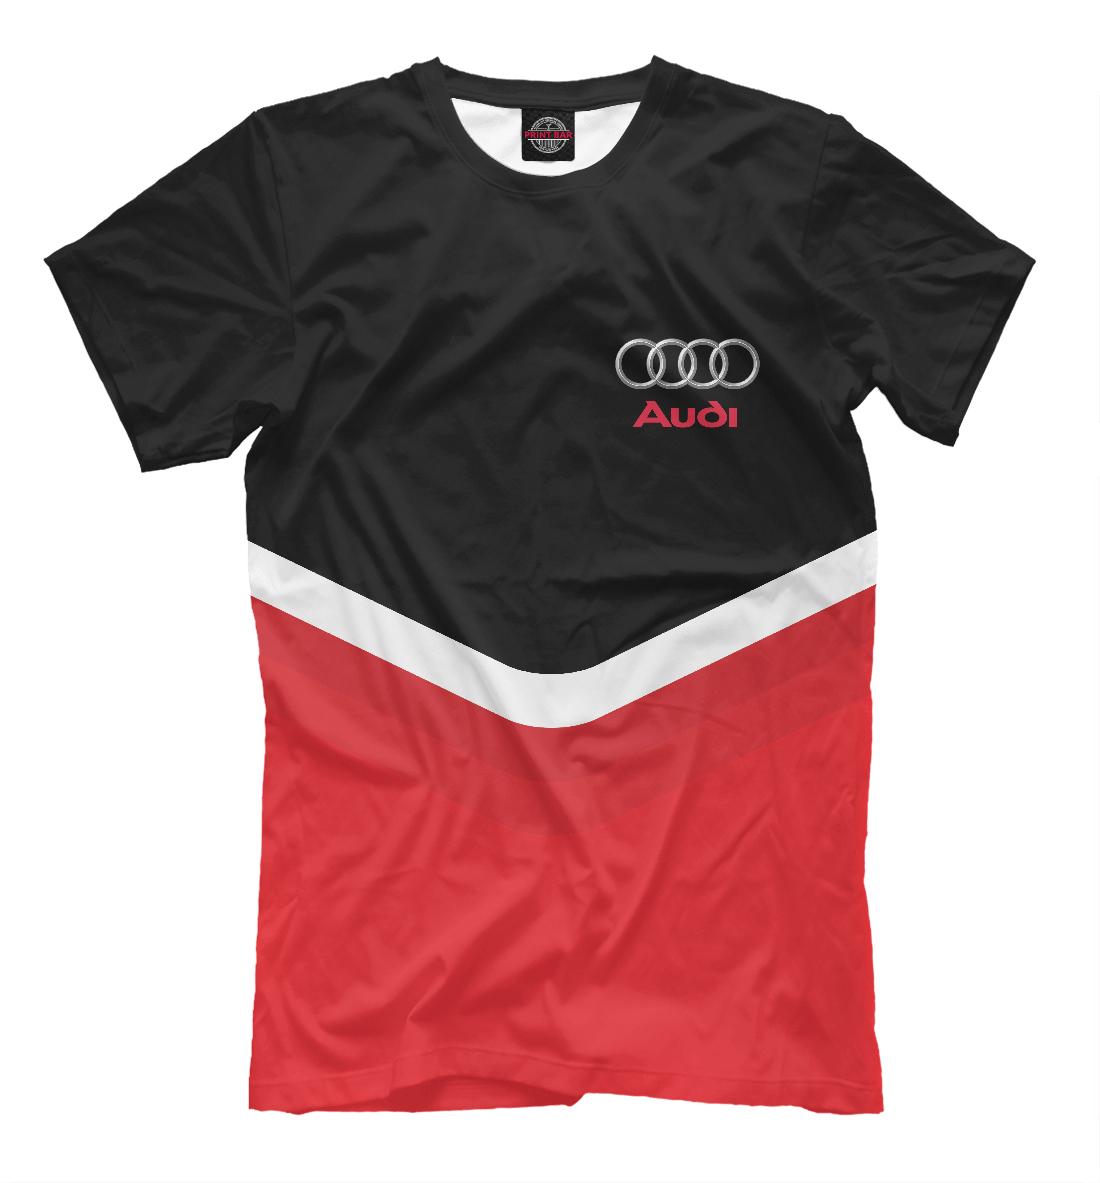 Купить Audi Black & Red, Printbar, Футболки, AUD-485304-fut-2